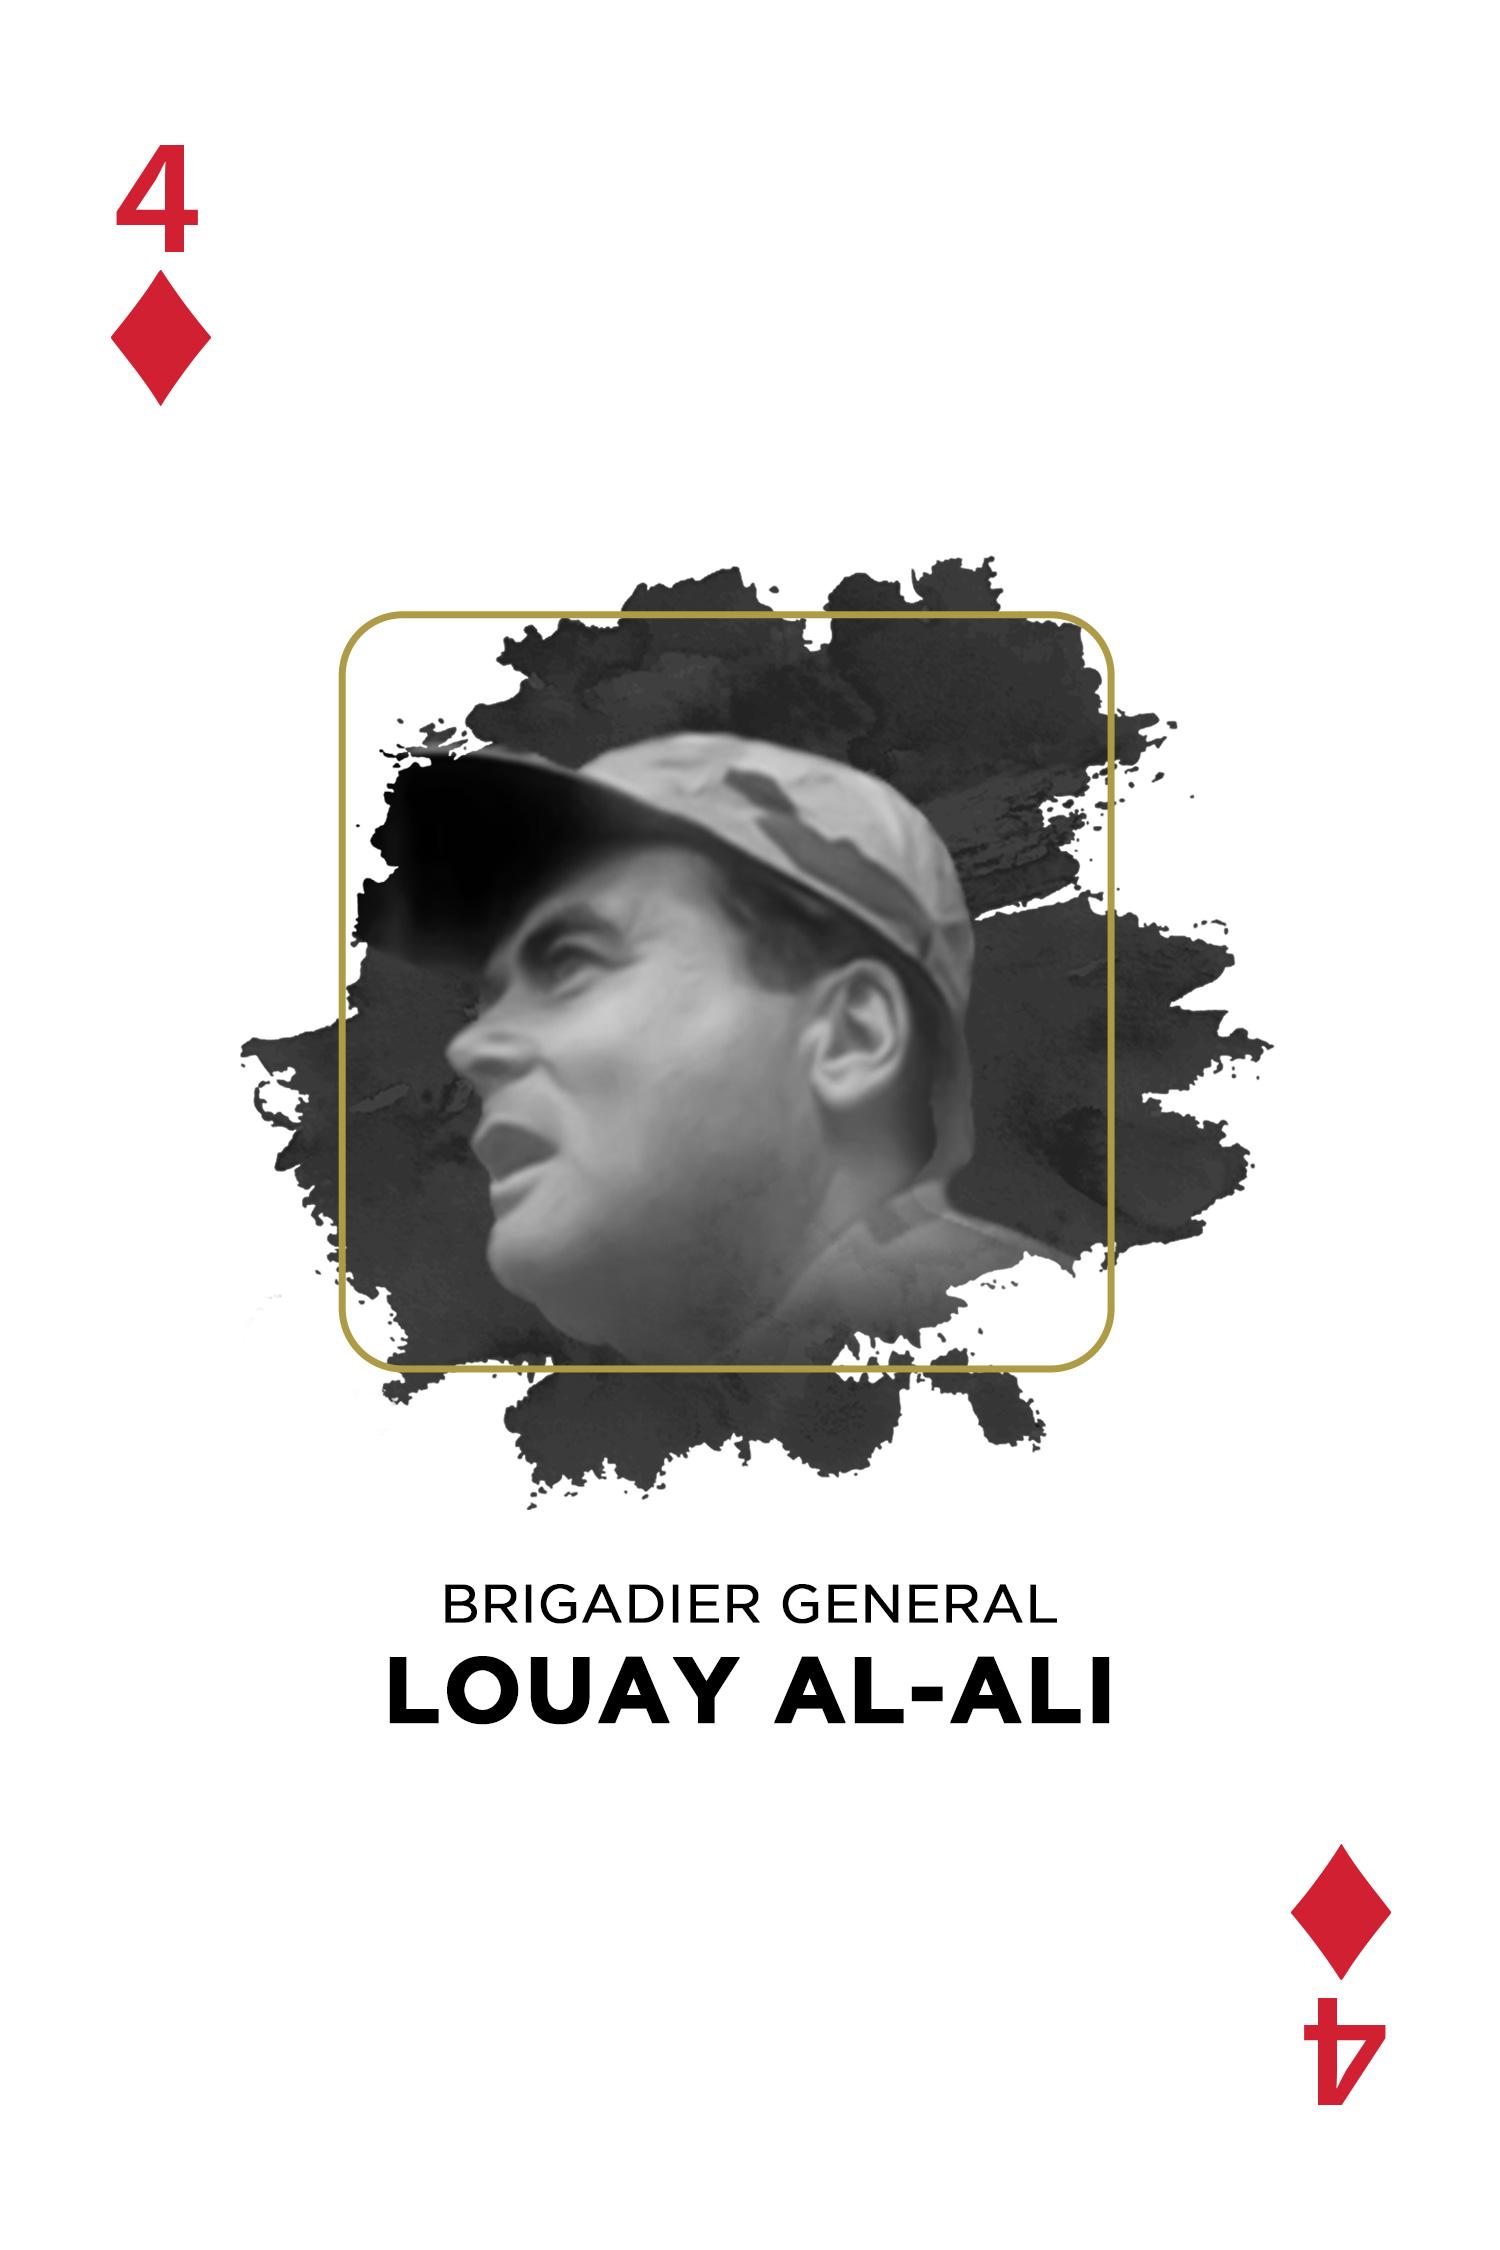 Pro Justice - Louay al-Ali